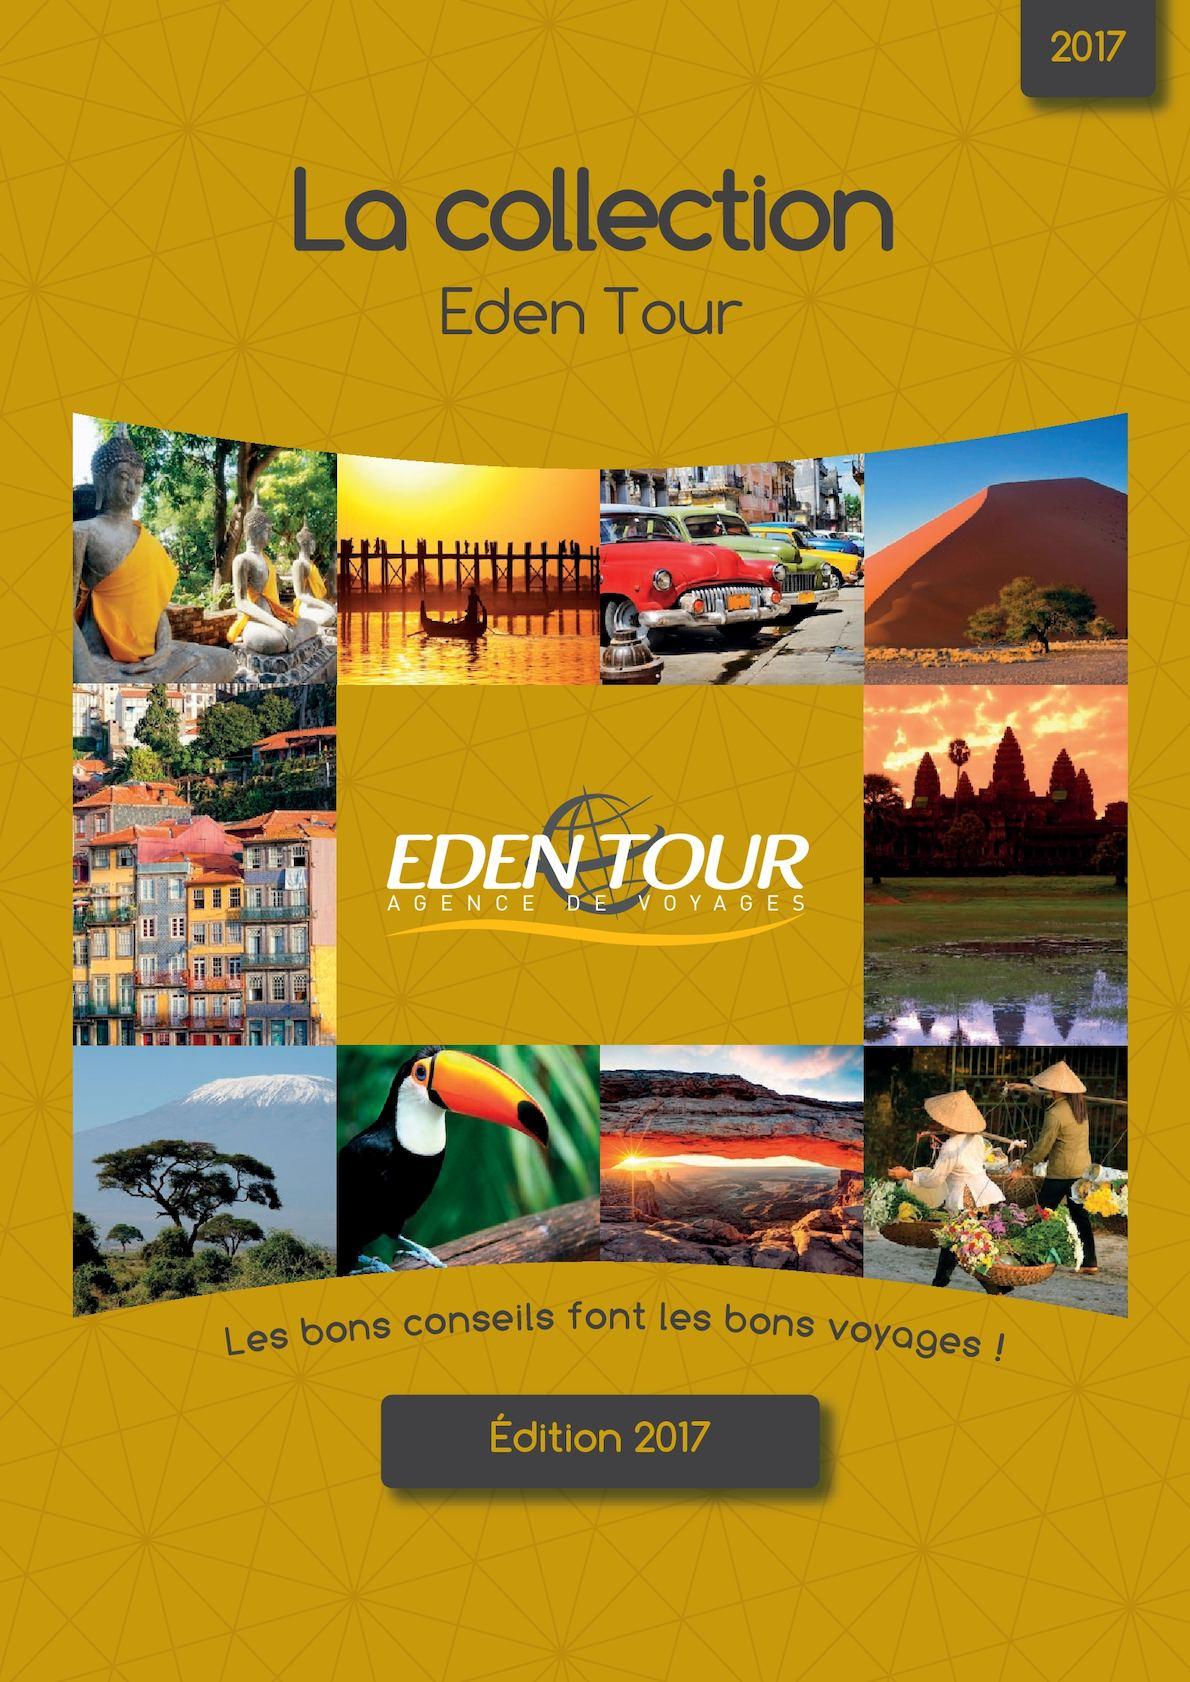 collection Calaméo La Eden 2017 Tour n8wm0N